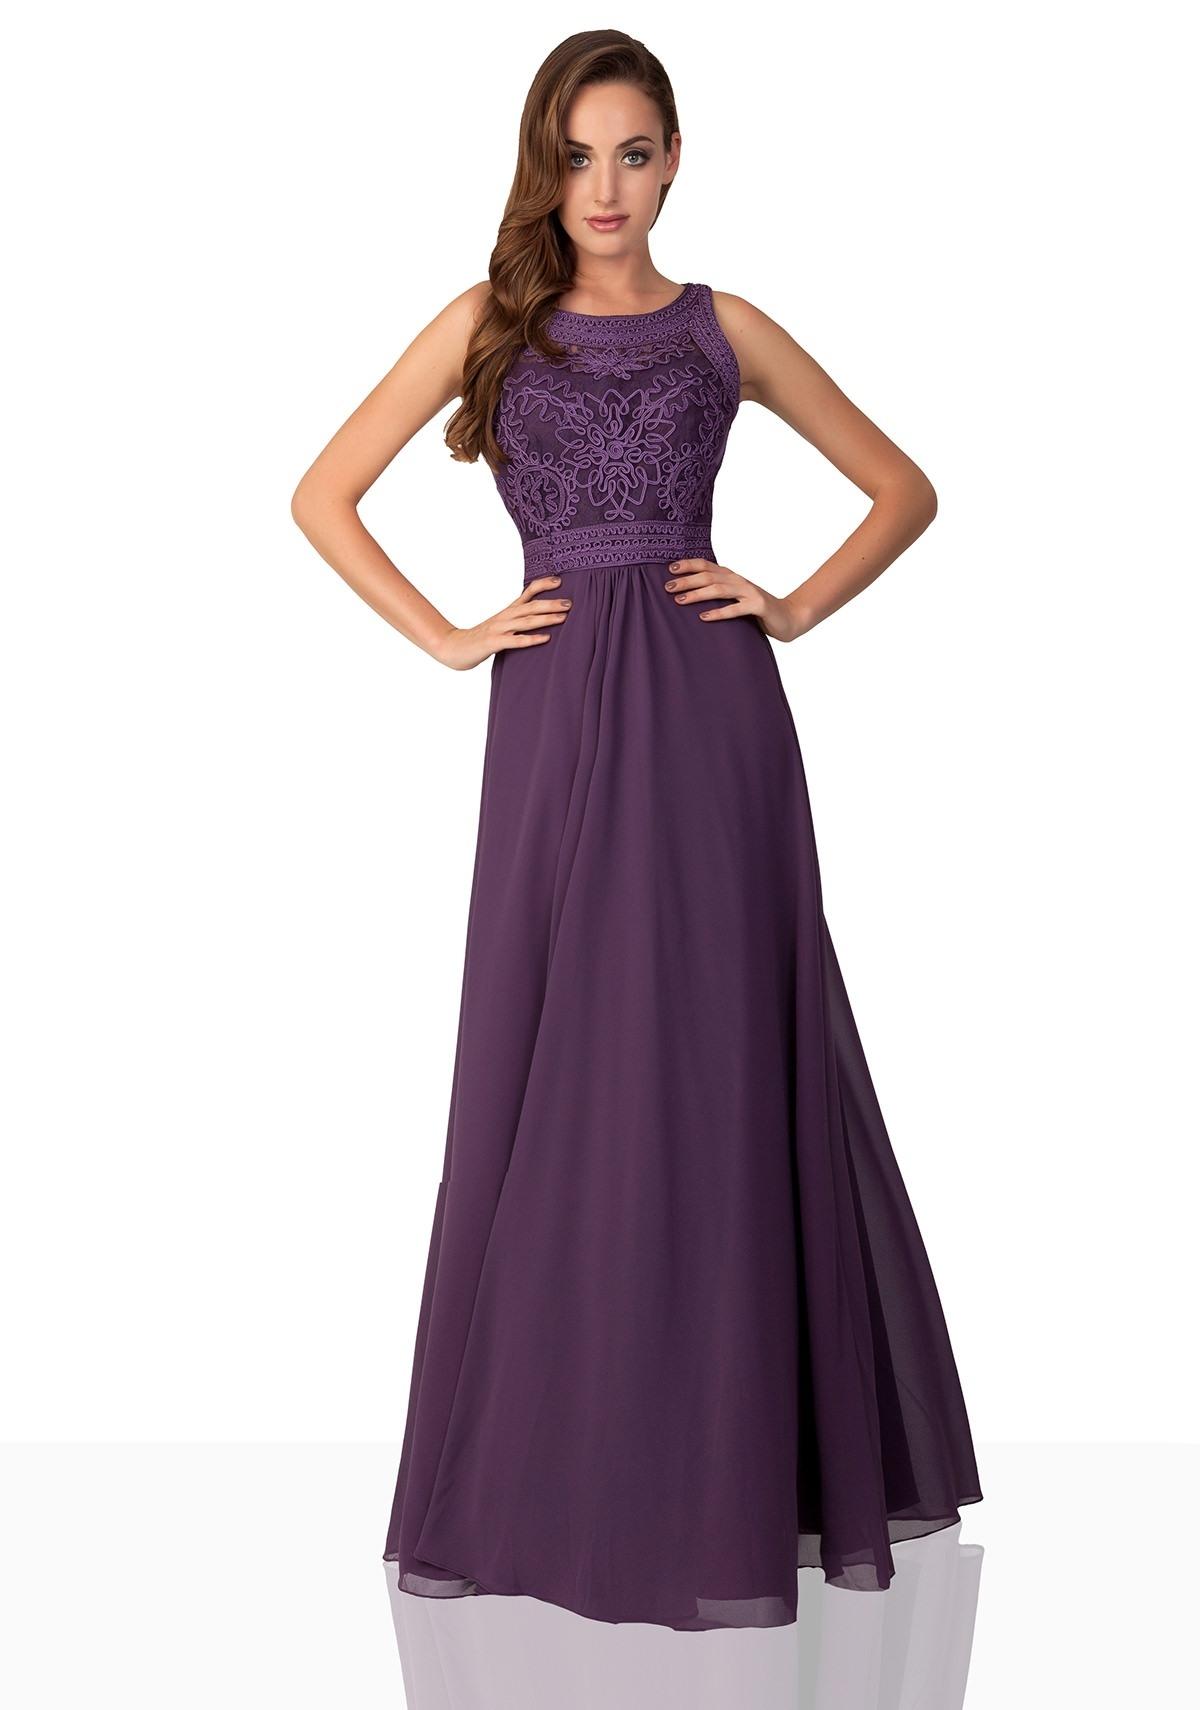 Abend Top Abendkleid Lila für 2019Formal Einfach Abendkleid Lila Stylish